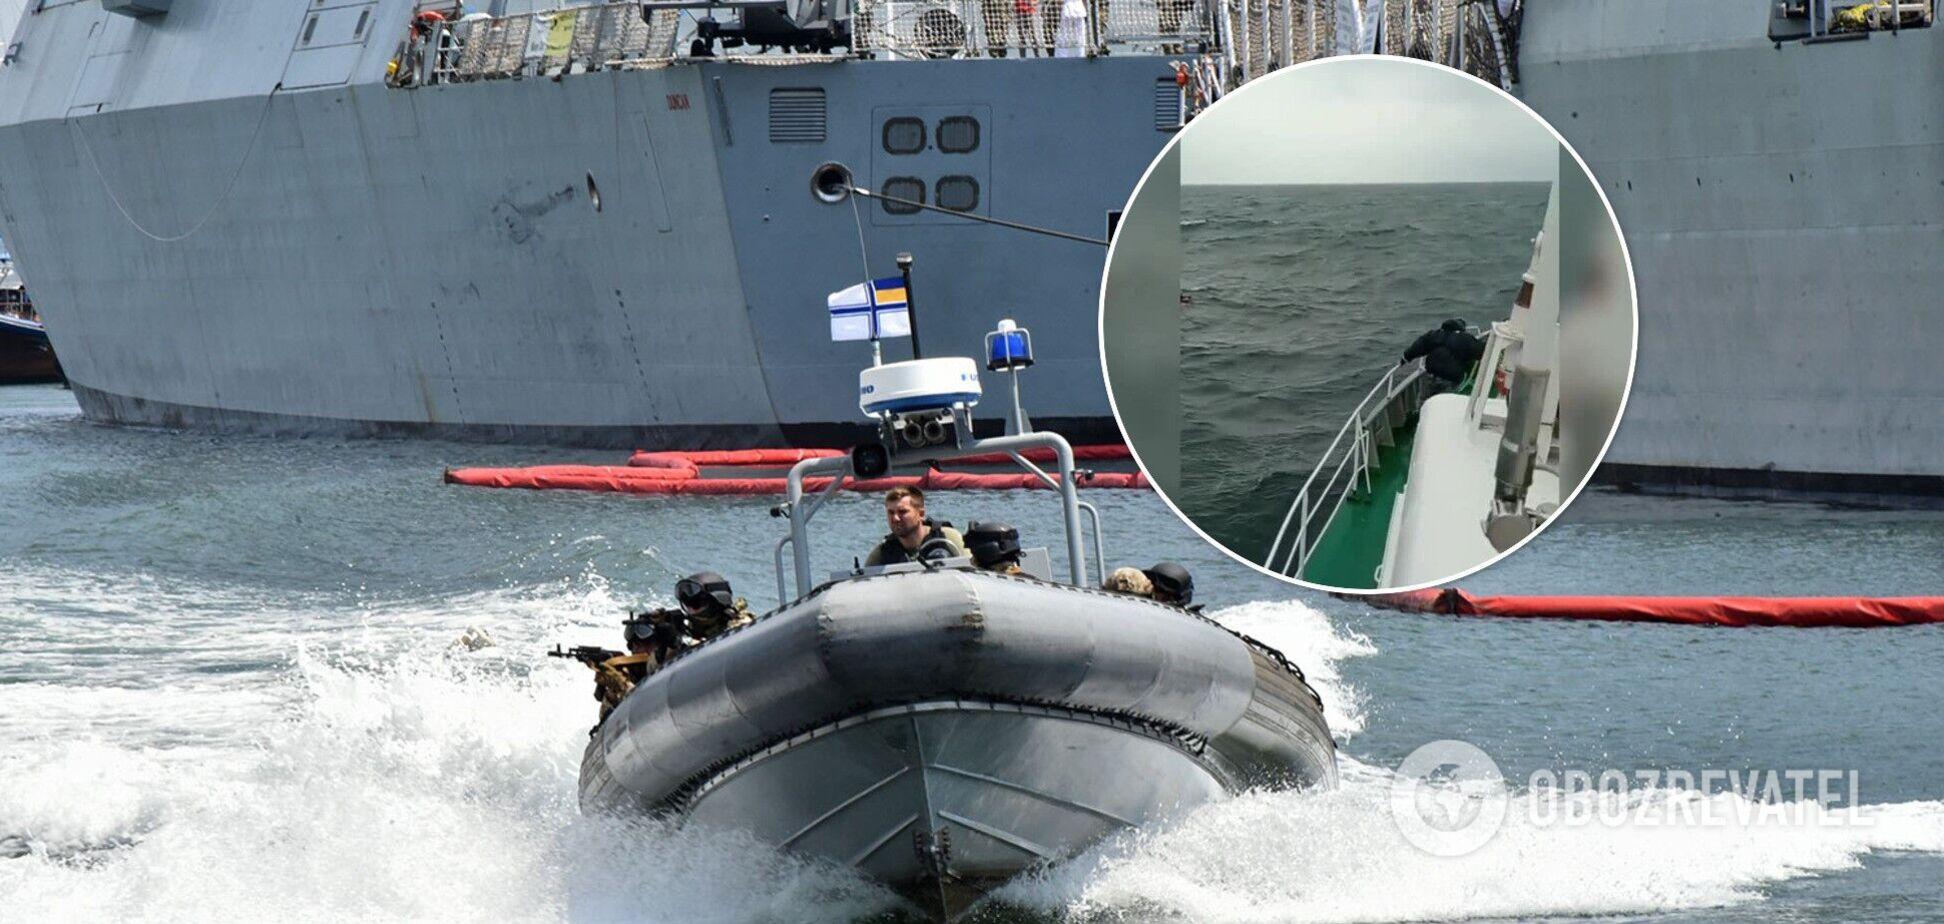 Прикордонники врятували парашутиста, якого віднесло в море під час навчань